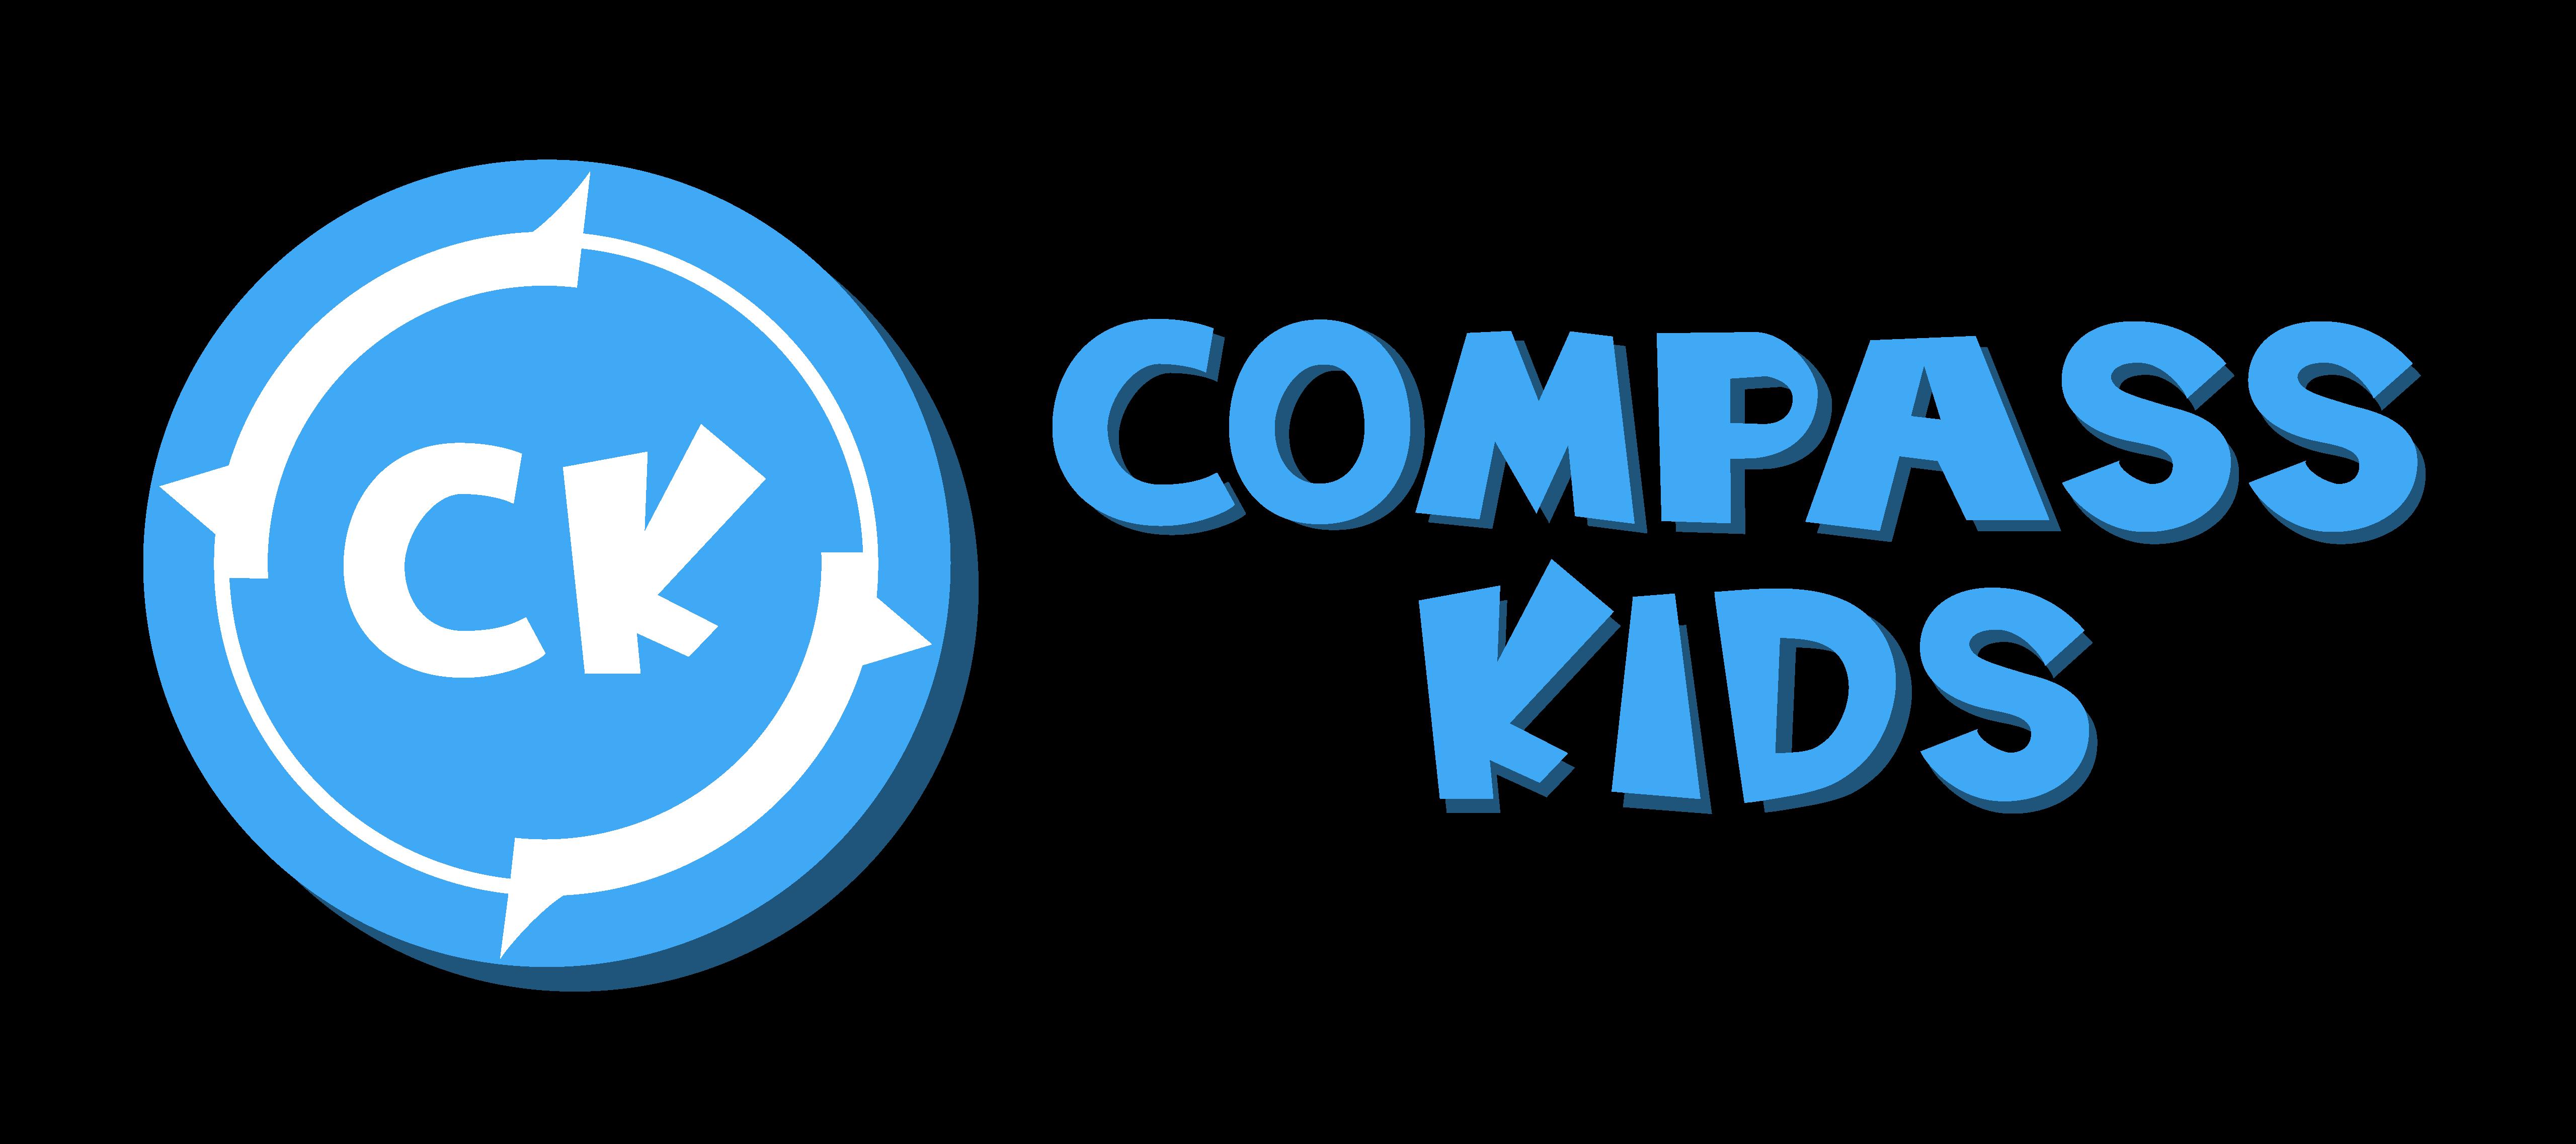 Compass Kids